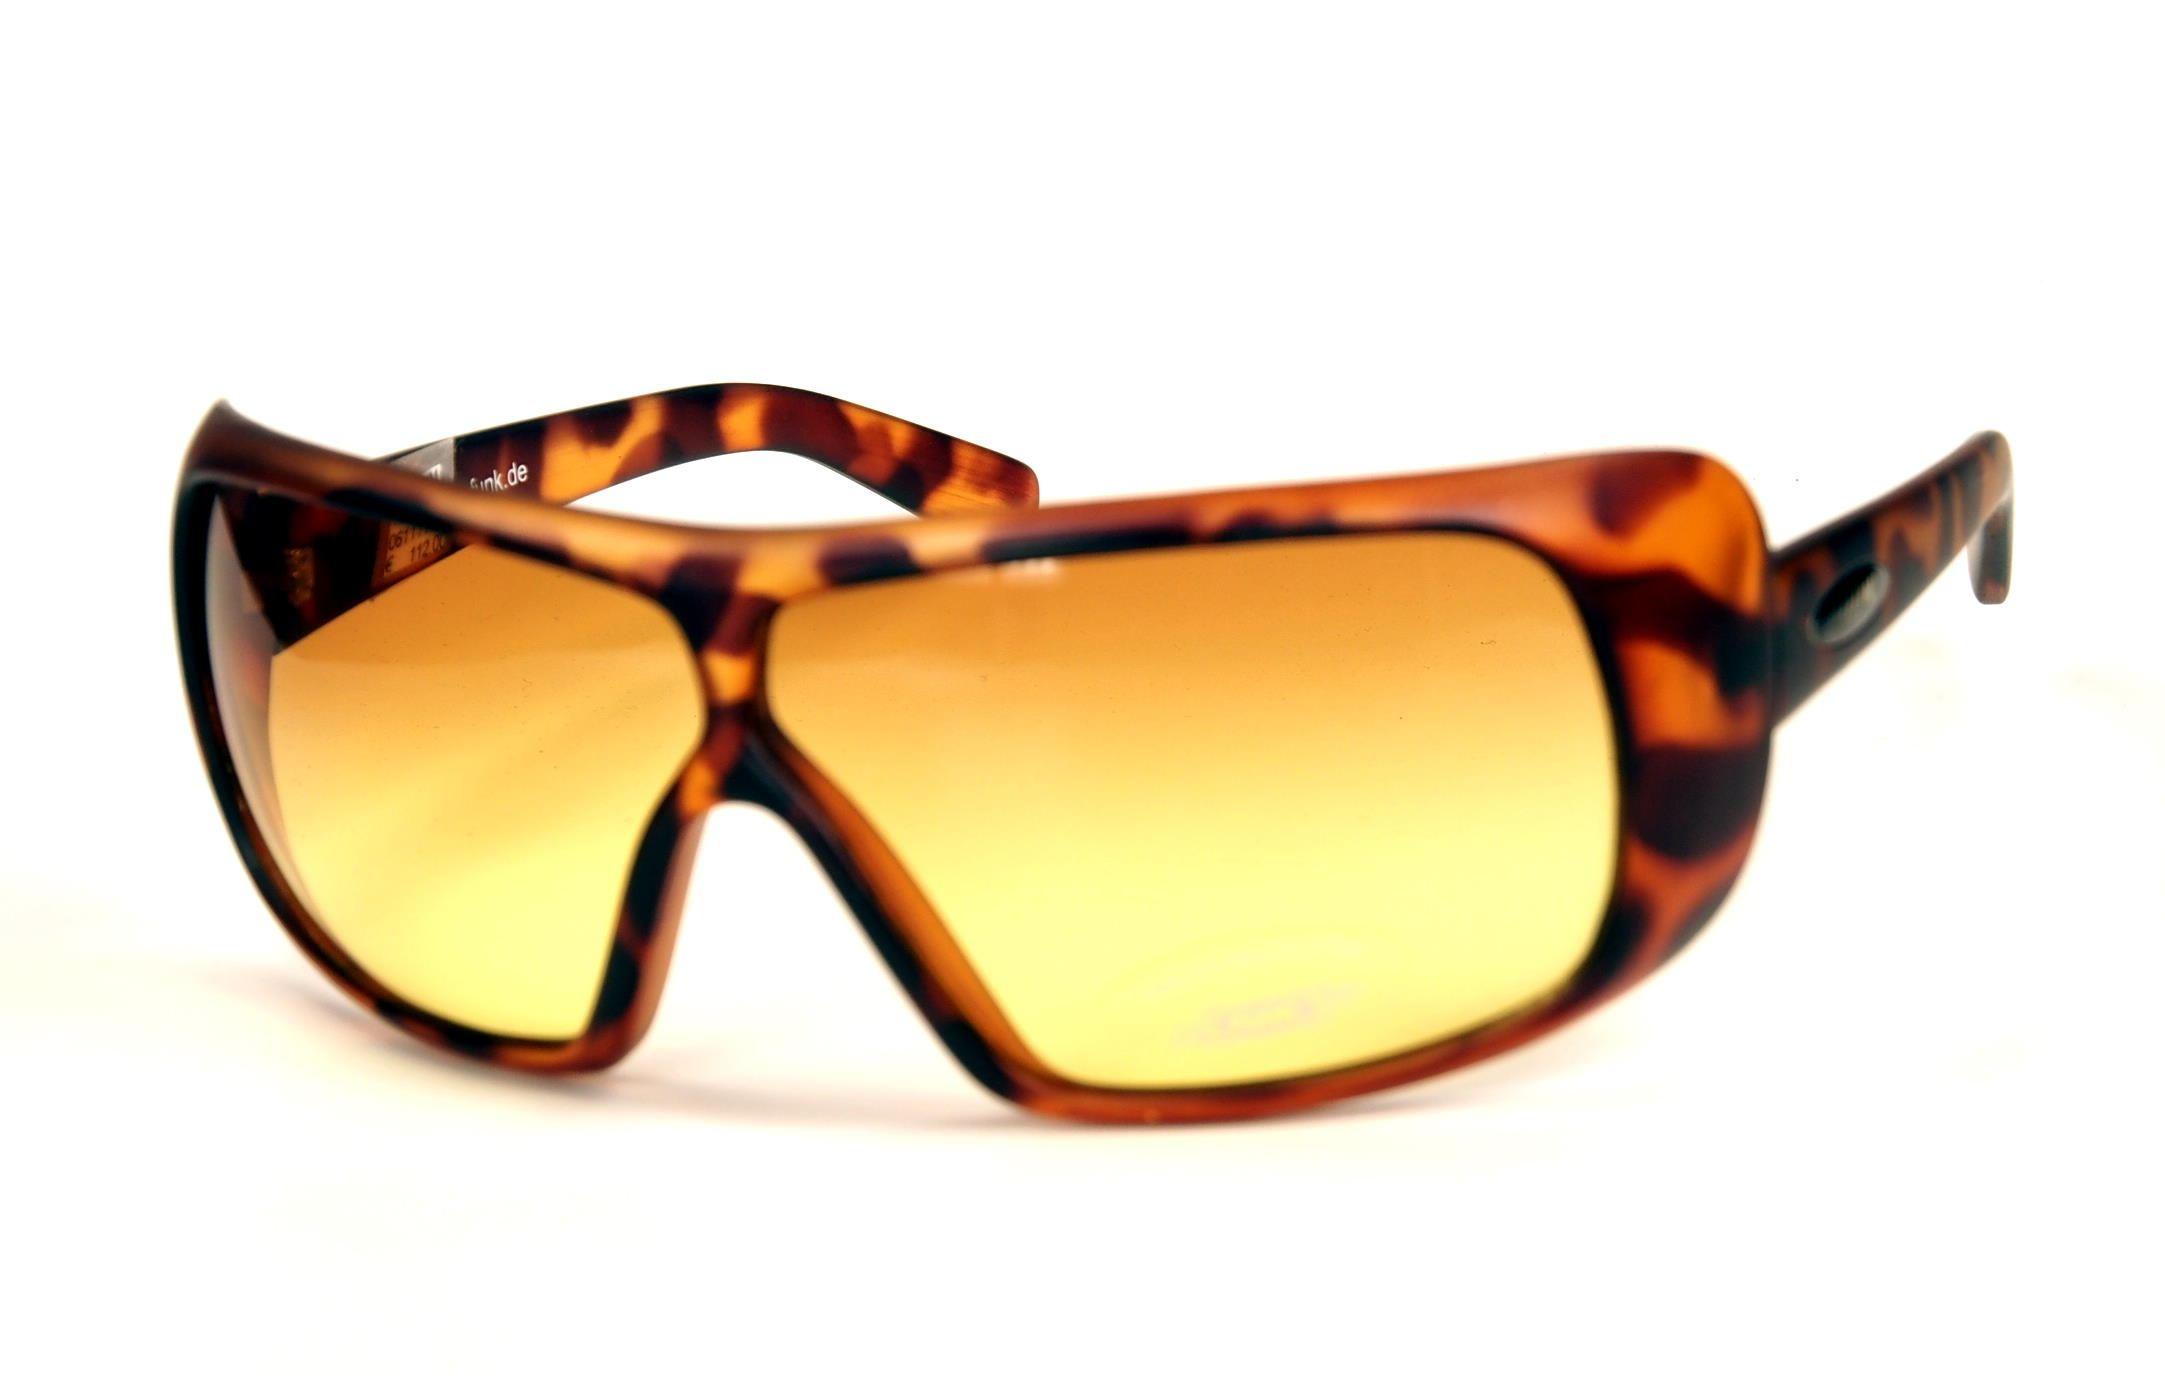 Funk Retrobrille, Vintage Sonnenbrille aus den 90er Jahren ungetragen, 100% UV Protection, Modell: 1001